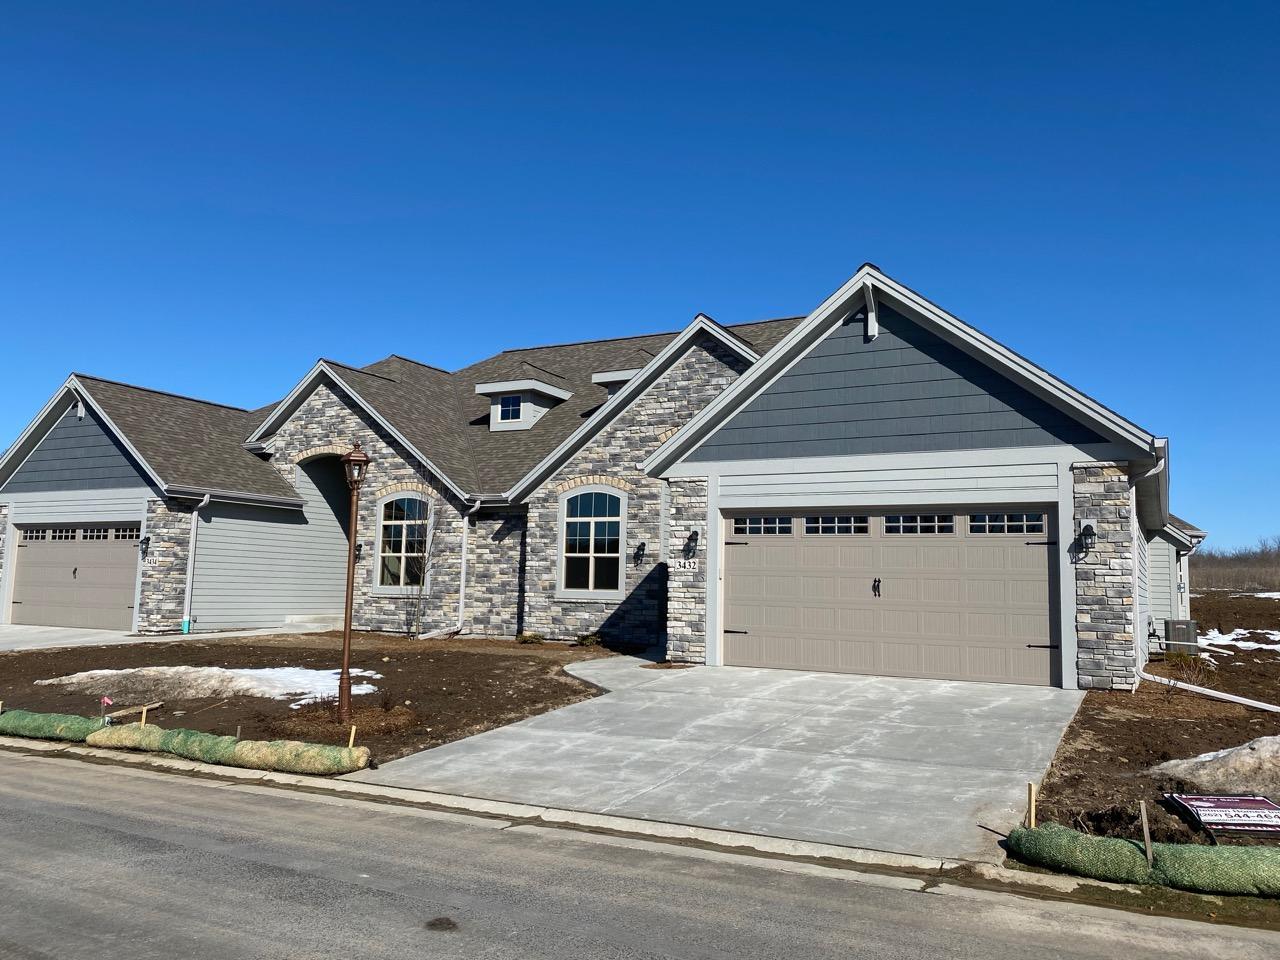 3432 Walnut Trl, Waukesha, Wisconsin 53189, 2 Bedrooms Bedrooms, ,2 BathroomsBathrooms,Condominiums,For Sale,Walnut Trl,1,1679585